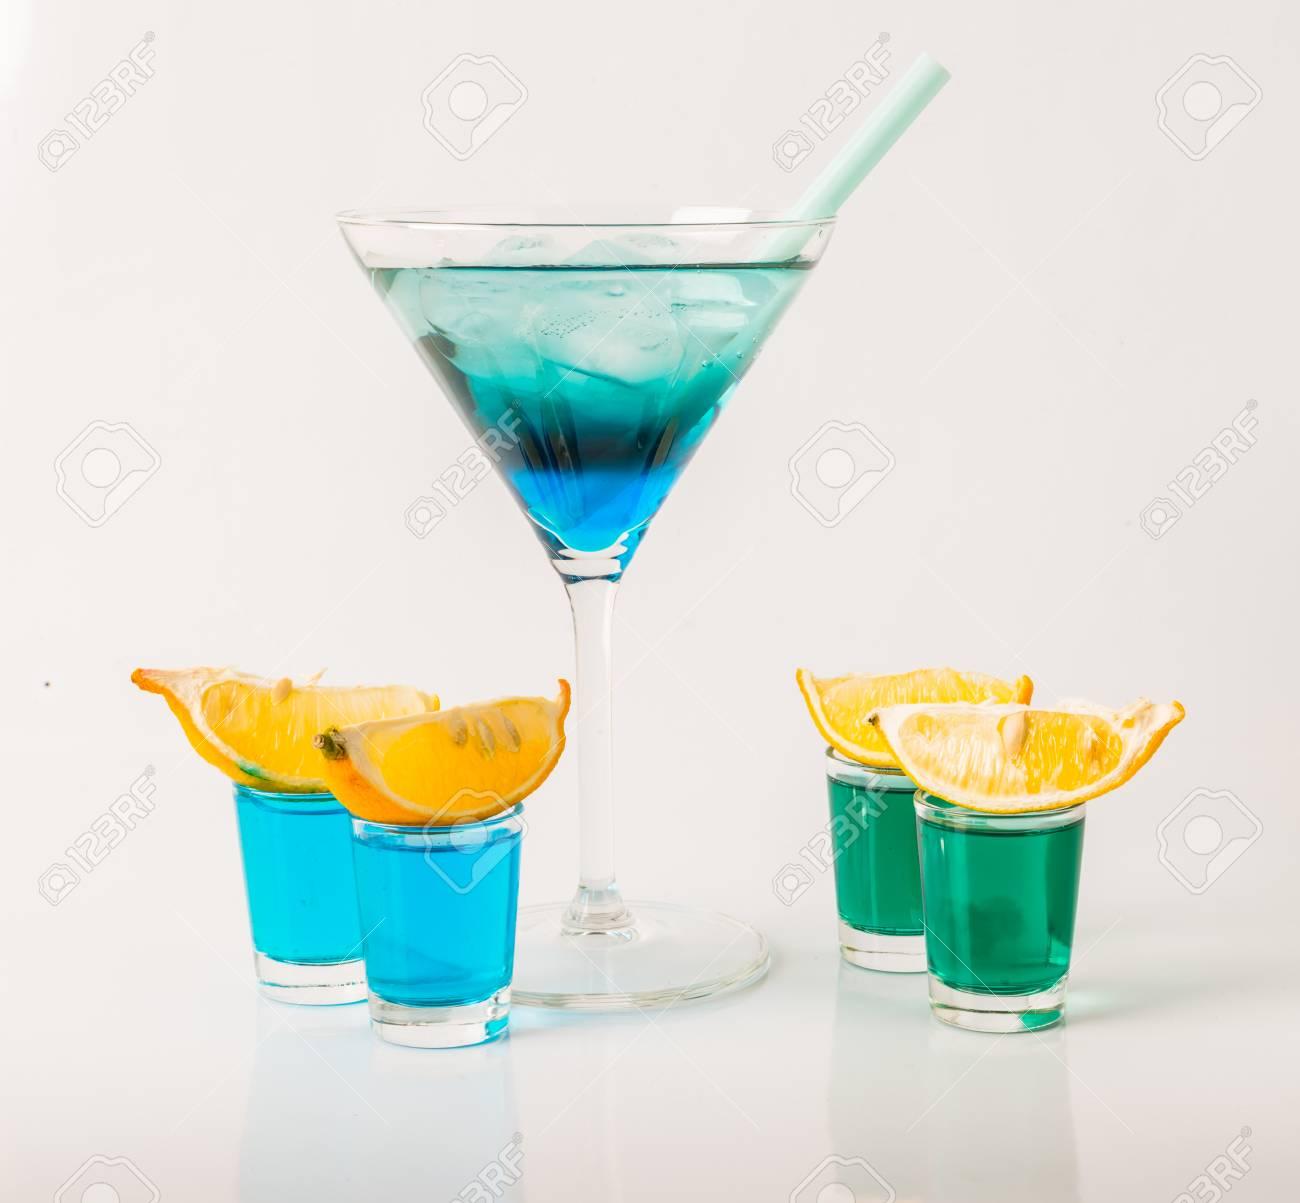 Bunte Drink In Einem Martini-Glas, Blau Und Grün Kombination, Vier ...